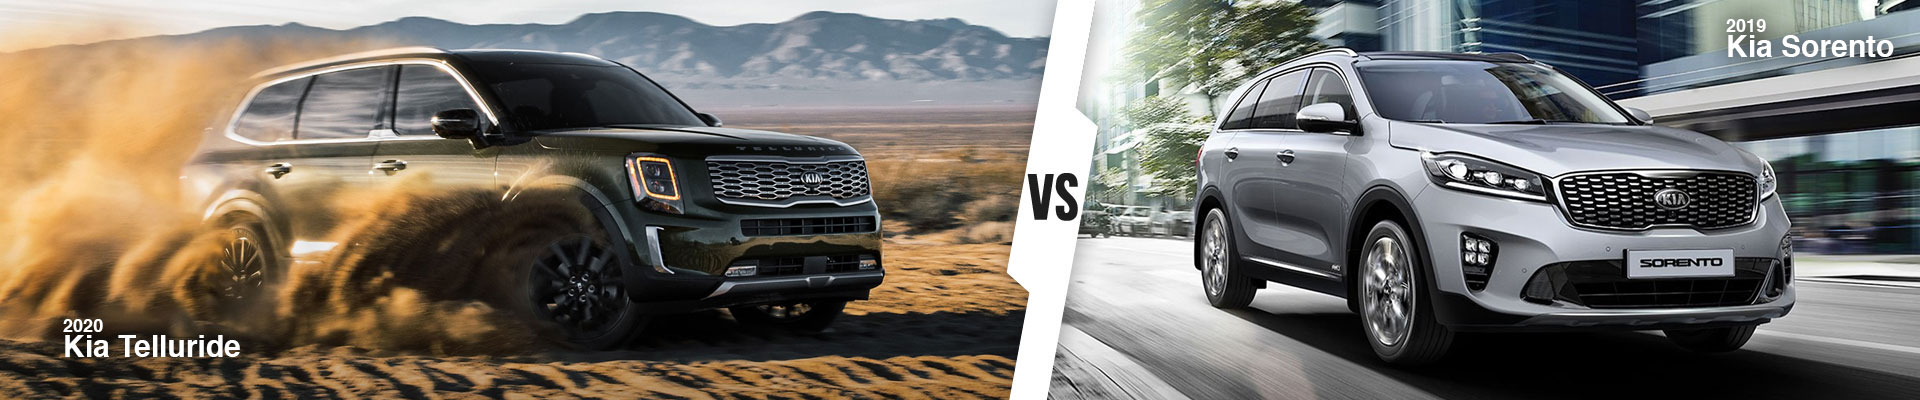 Kia SUV Comparison: 2020 Kia Telluride Versus 2019 Kia Sorento